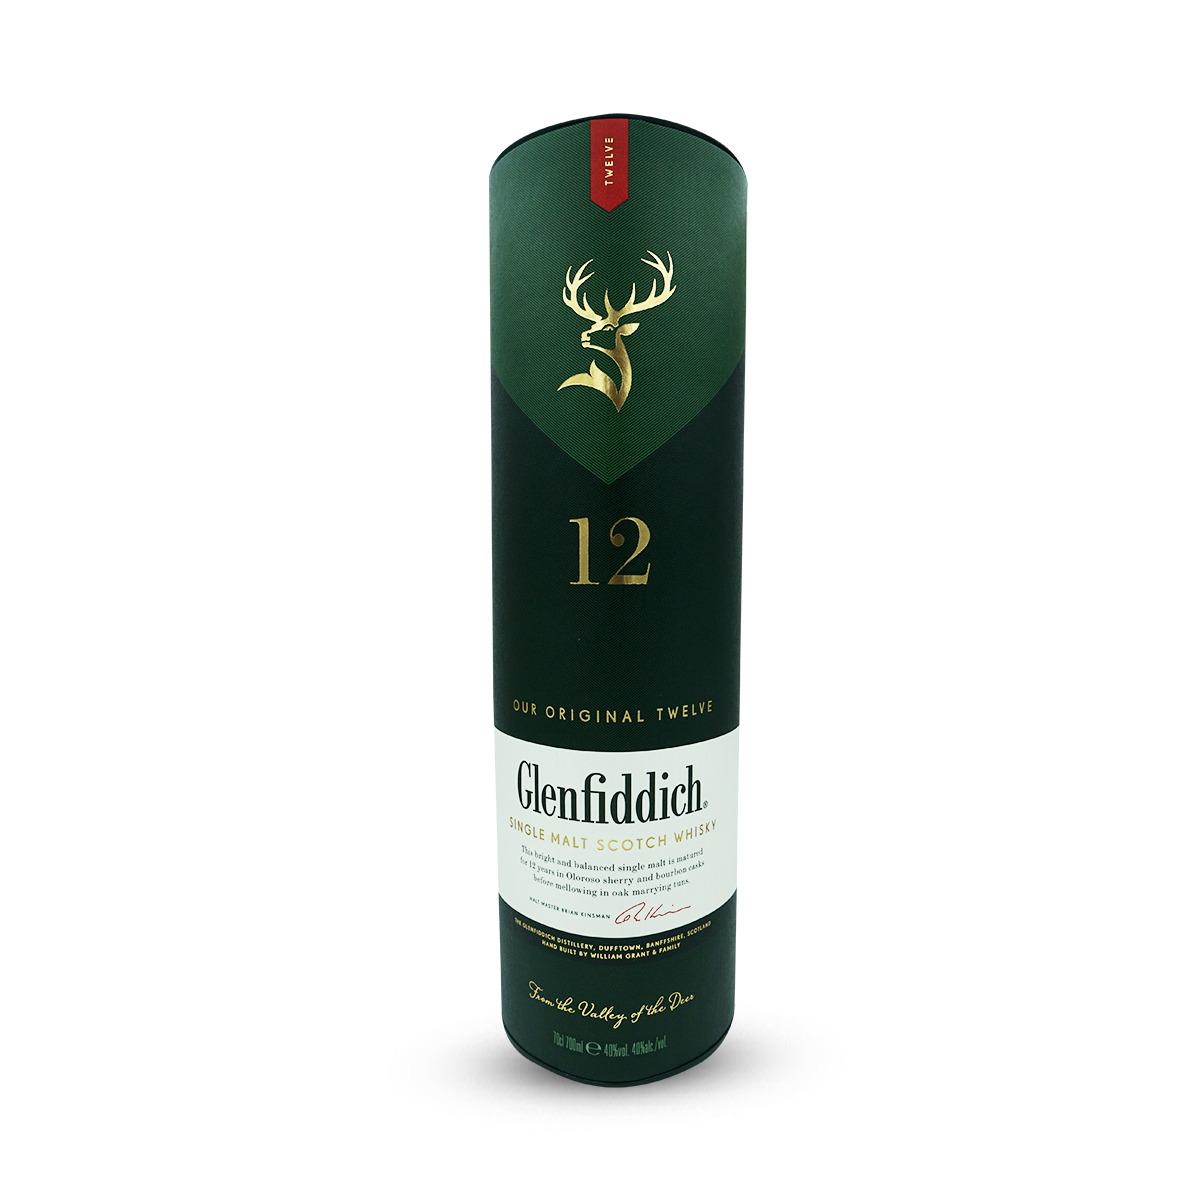 Glenfiddich 12y Single Malt